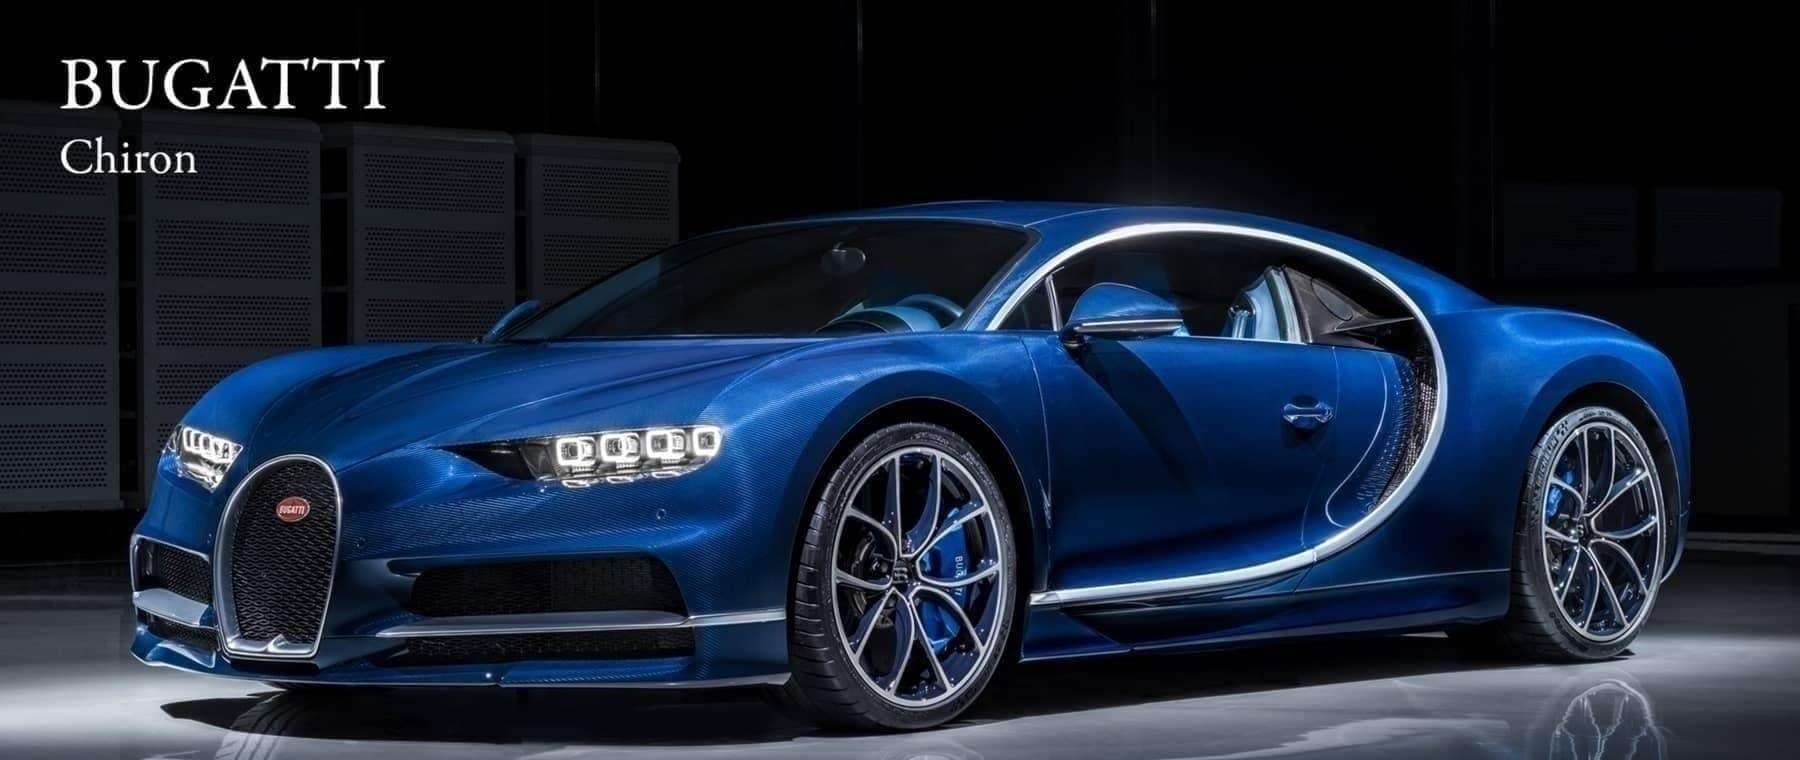 Post Oak Motor Cars Rolls Royce Bentley Bugatti Dealer